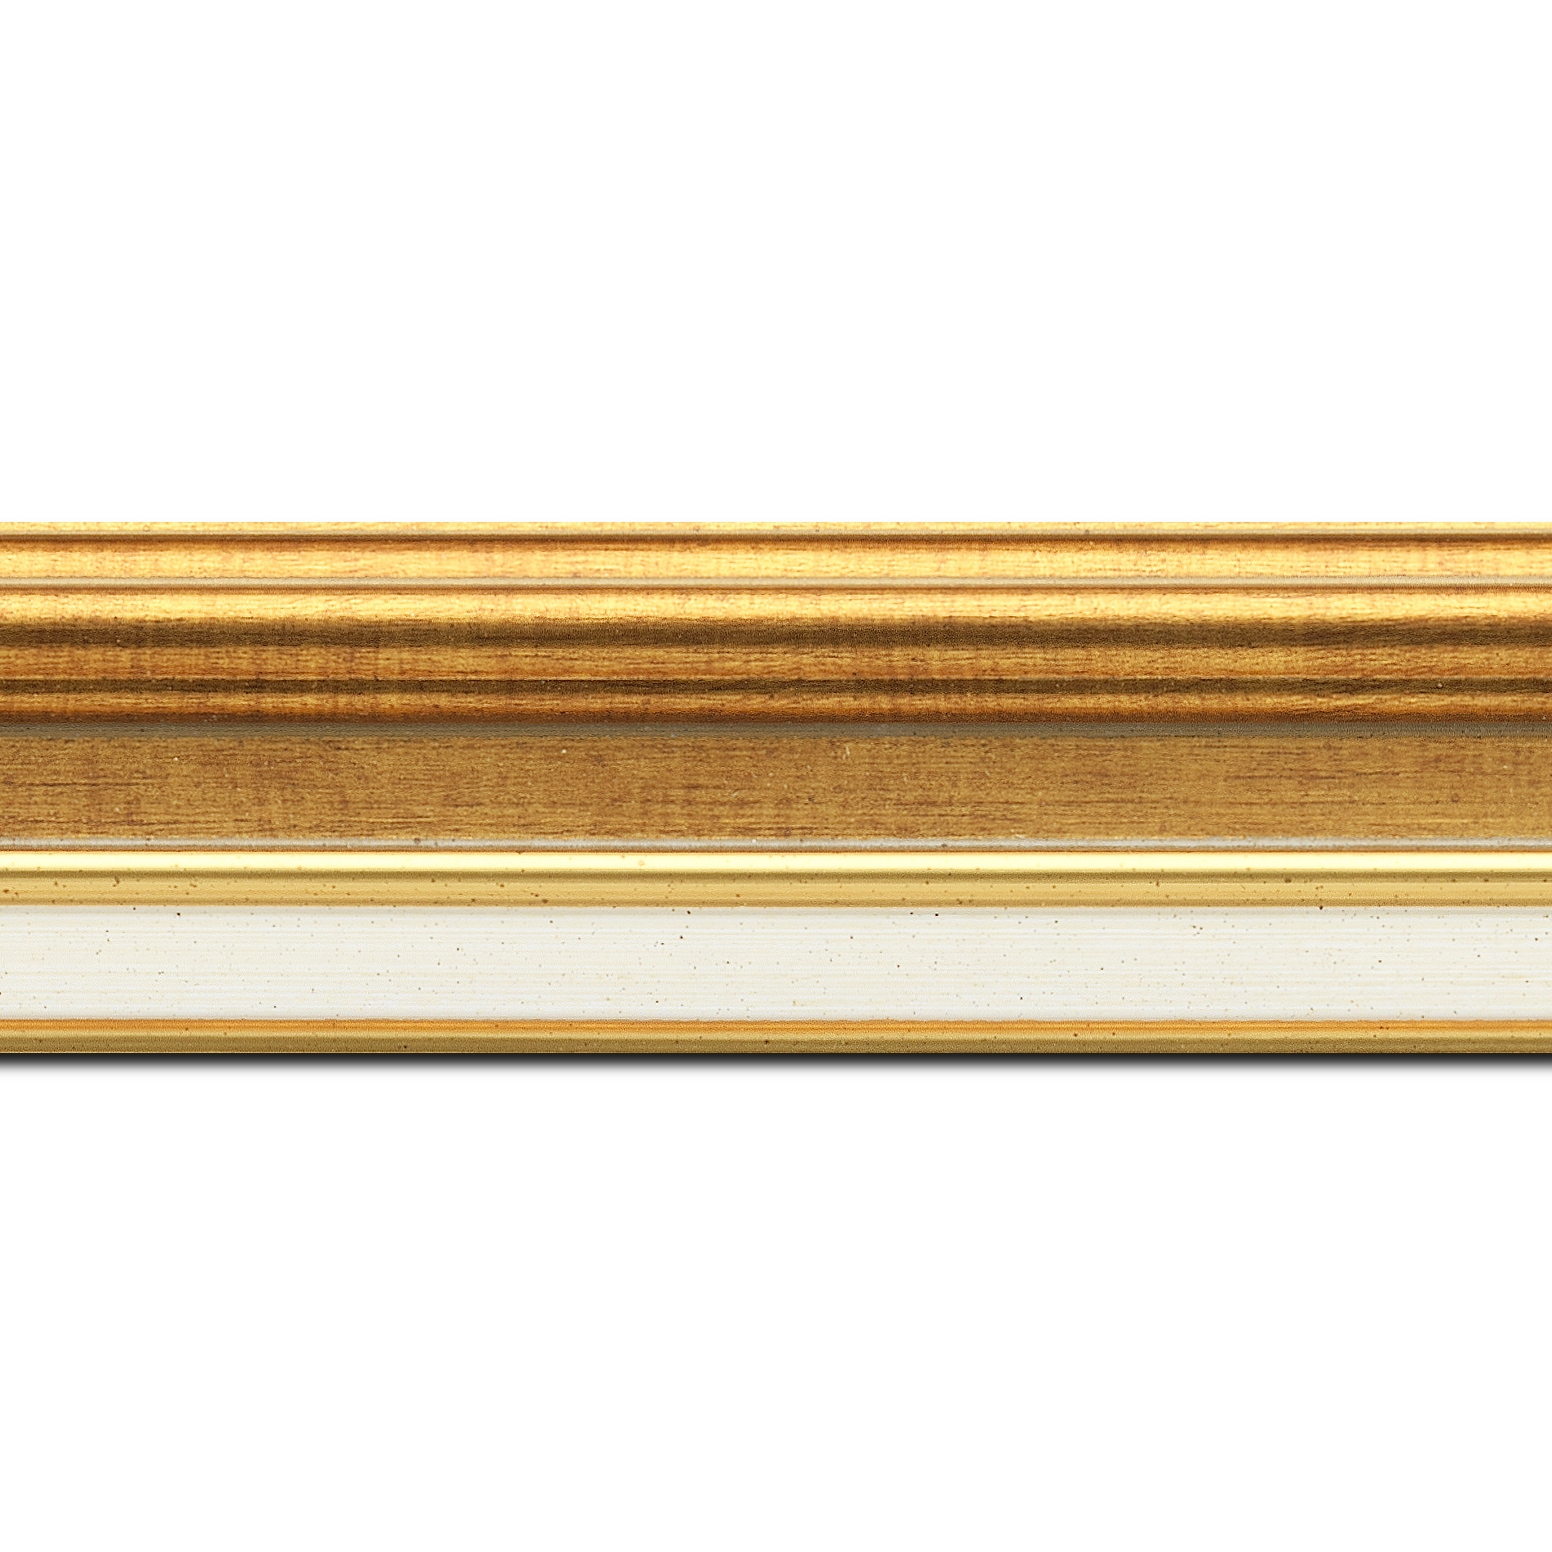 Pack par 12m, bois largeur 5.2cm or gorge or  marie louise crème filet or intégrée(longueur baguette pouvant varier entre 2.40m et 3m selon arrivage des bois)